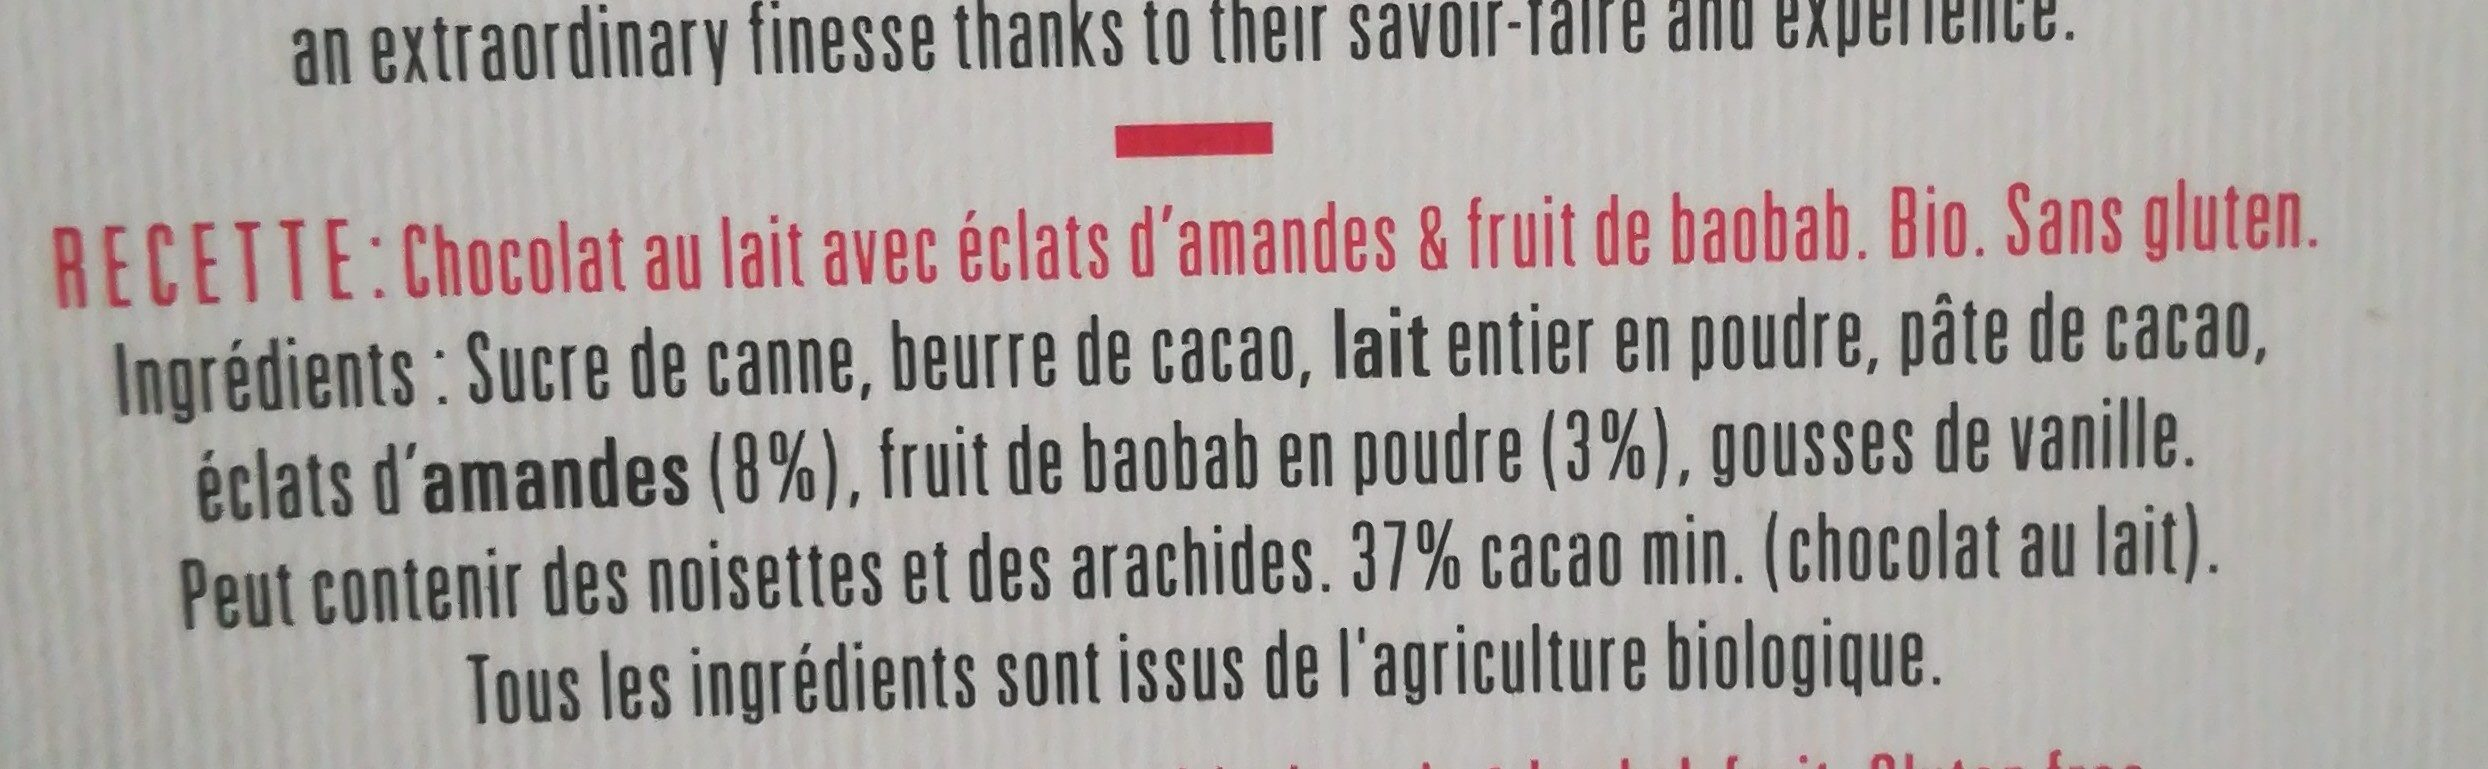 Chocolat au lait Bio Éclats d''Amandes & fruit de Baobab N°22 - Ingrédients